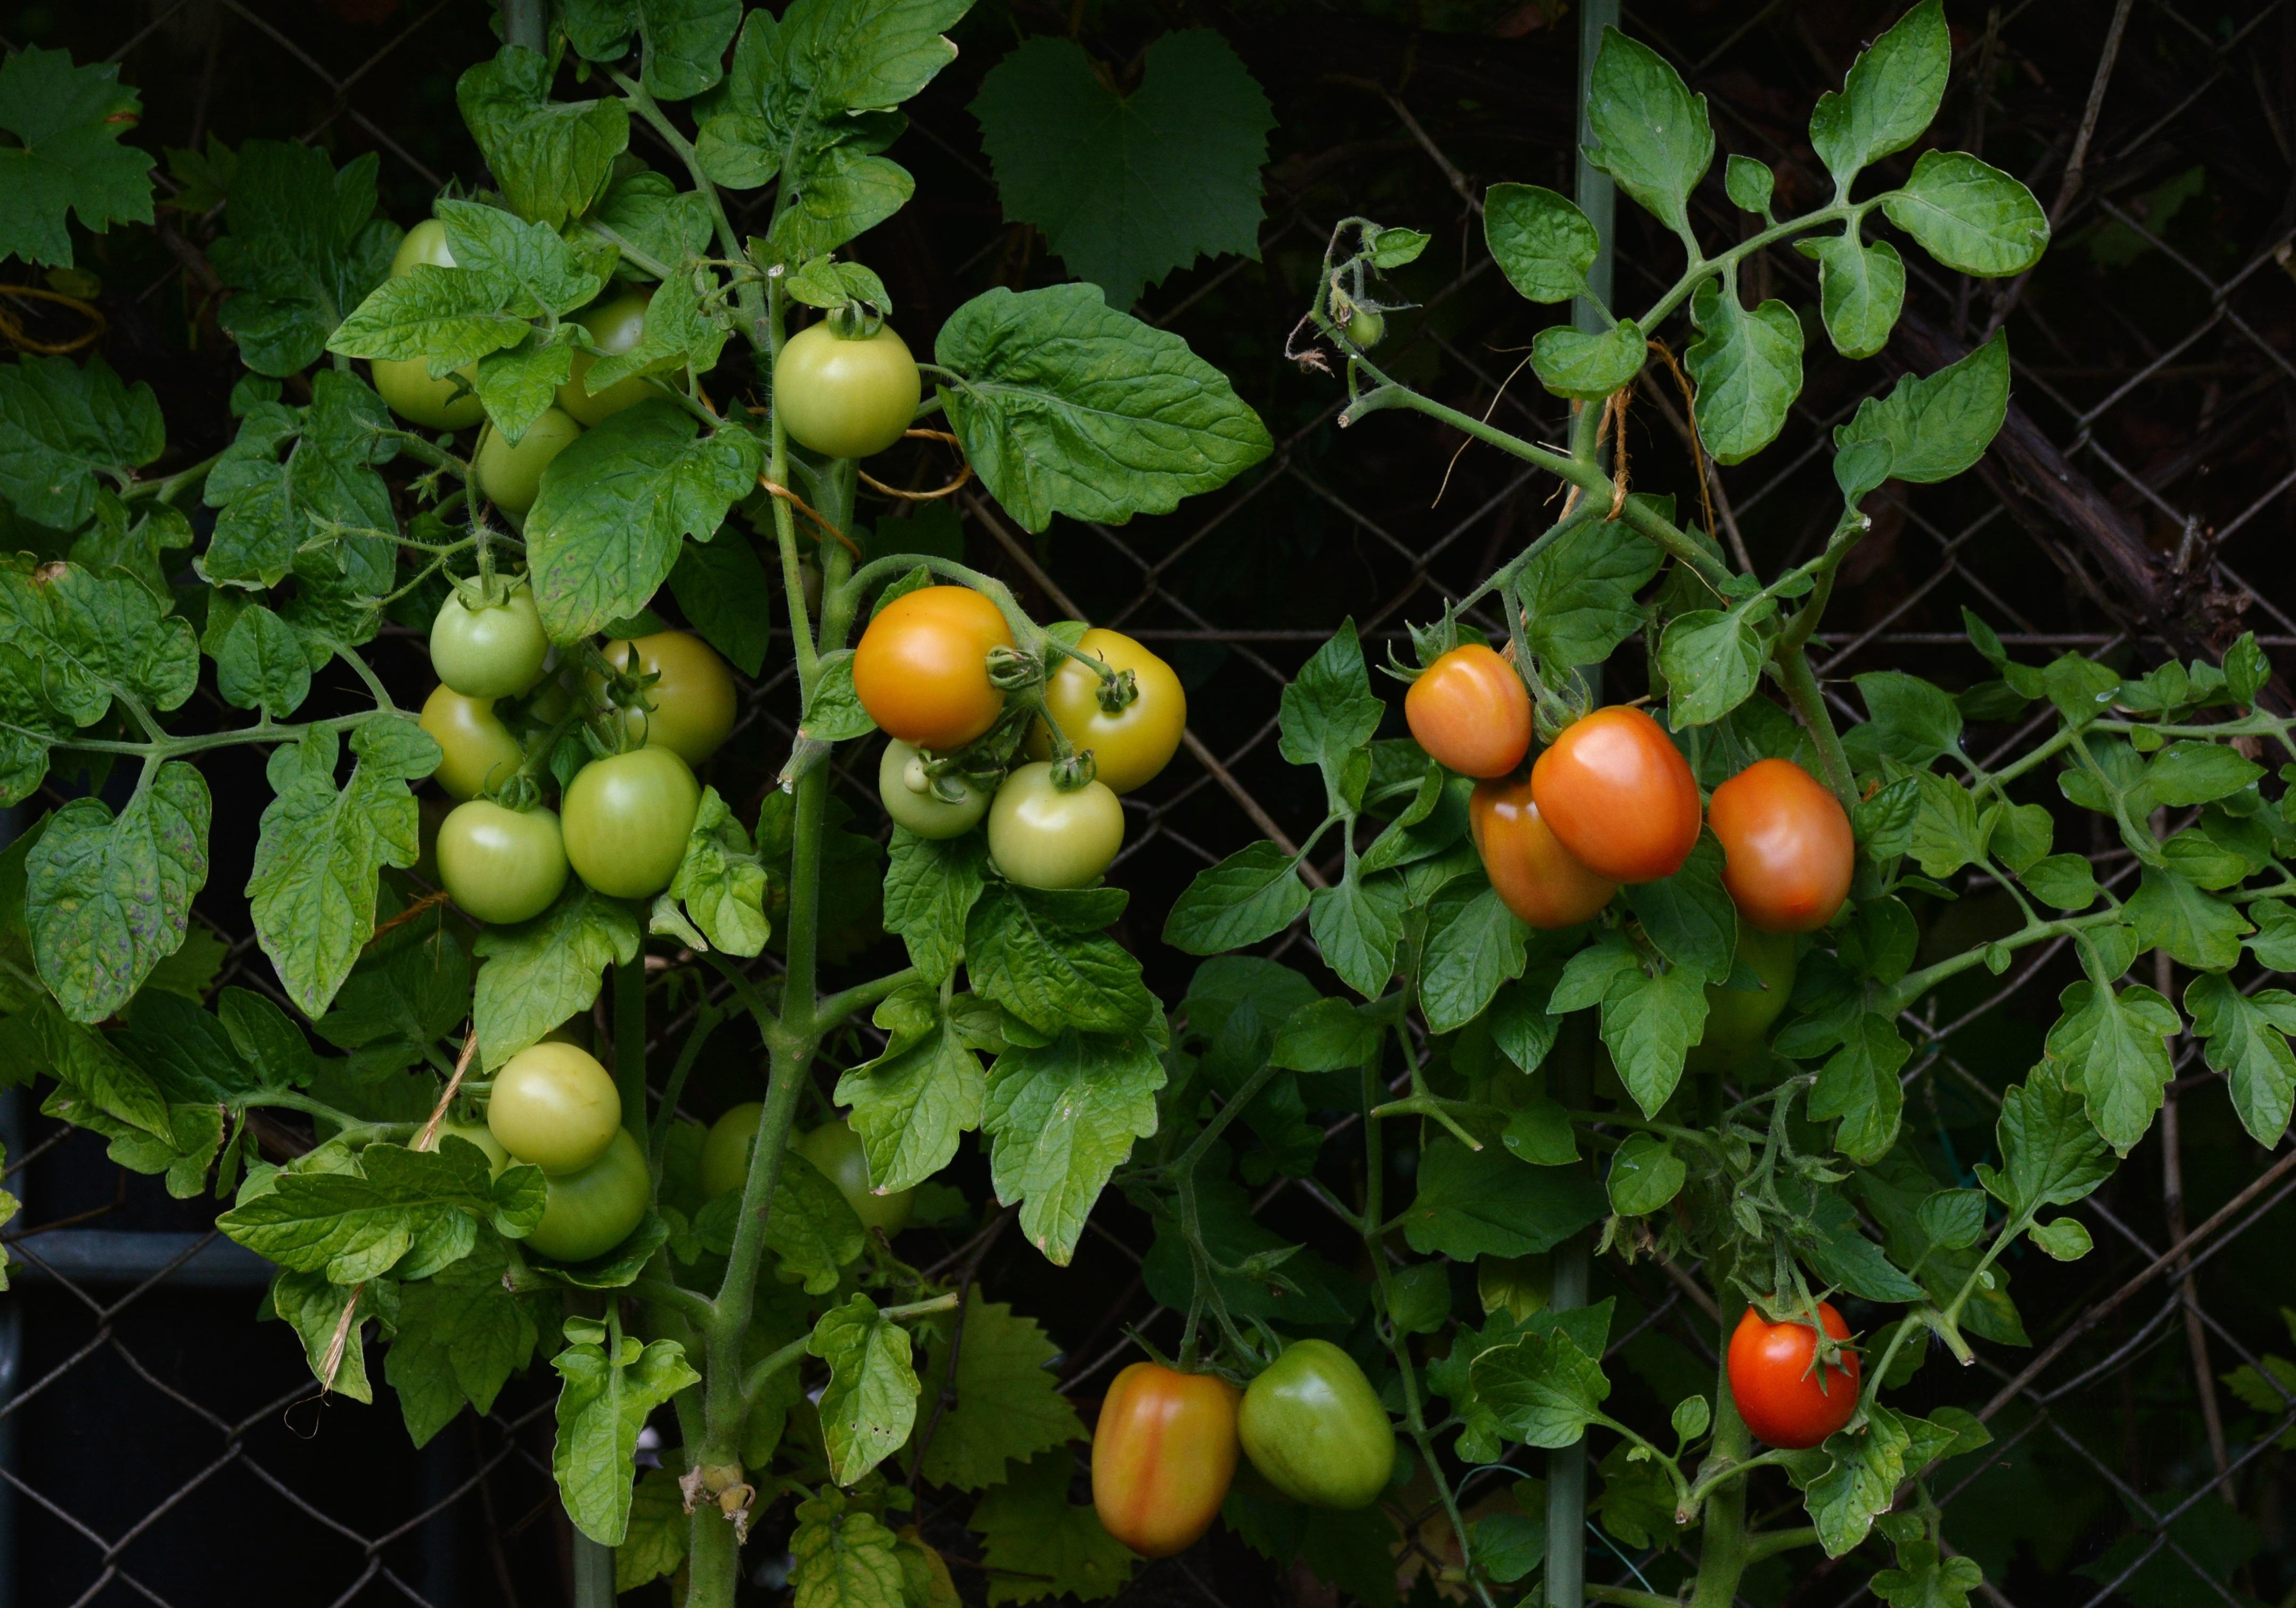 Fotos Gratis Rama Fruta Flor Comida Produce Vegetal Jard N  ~ Como Cultivar Tomates En El Huerto